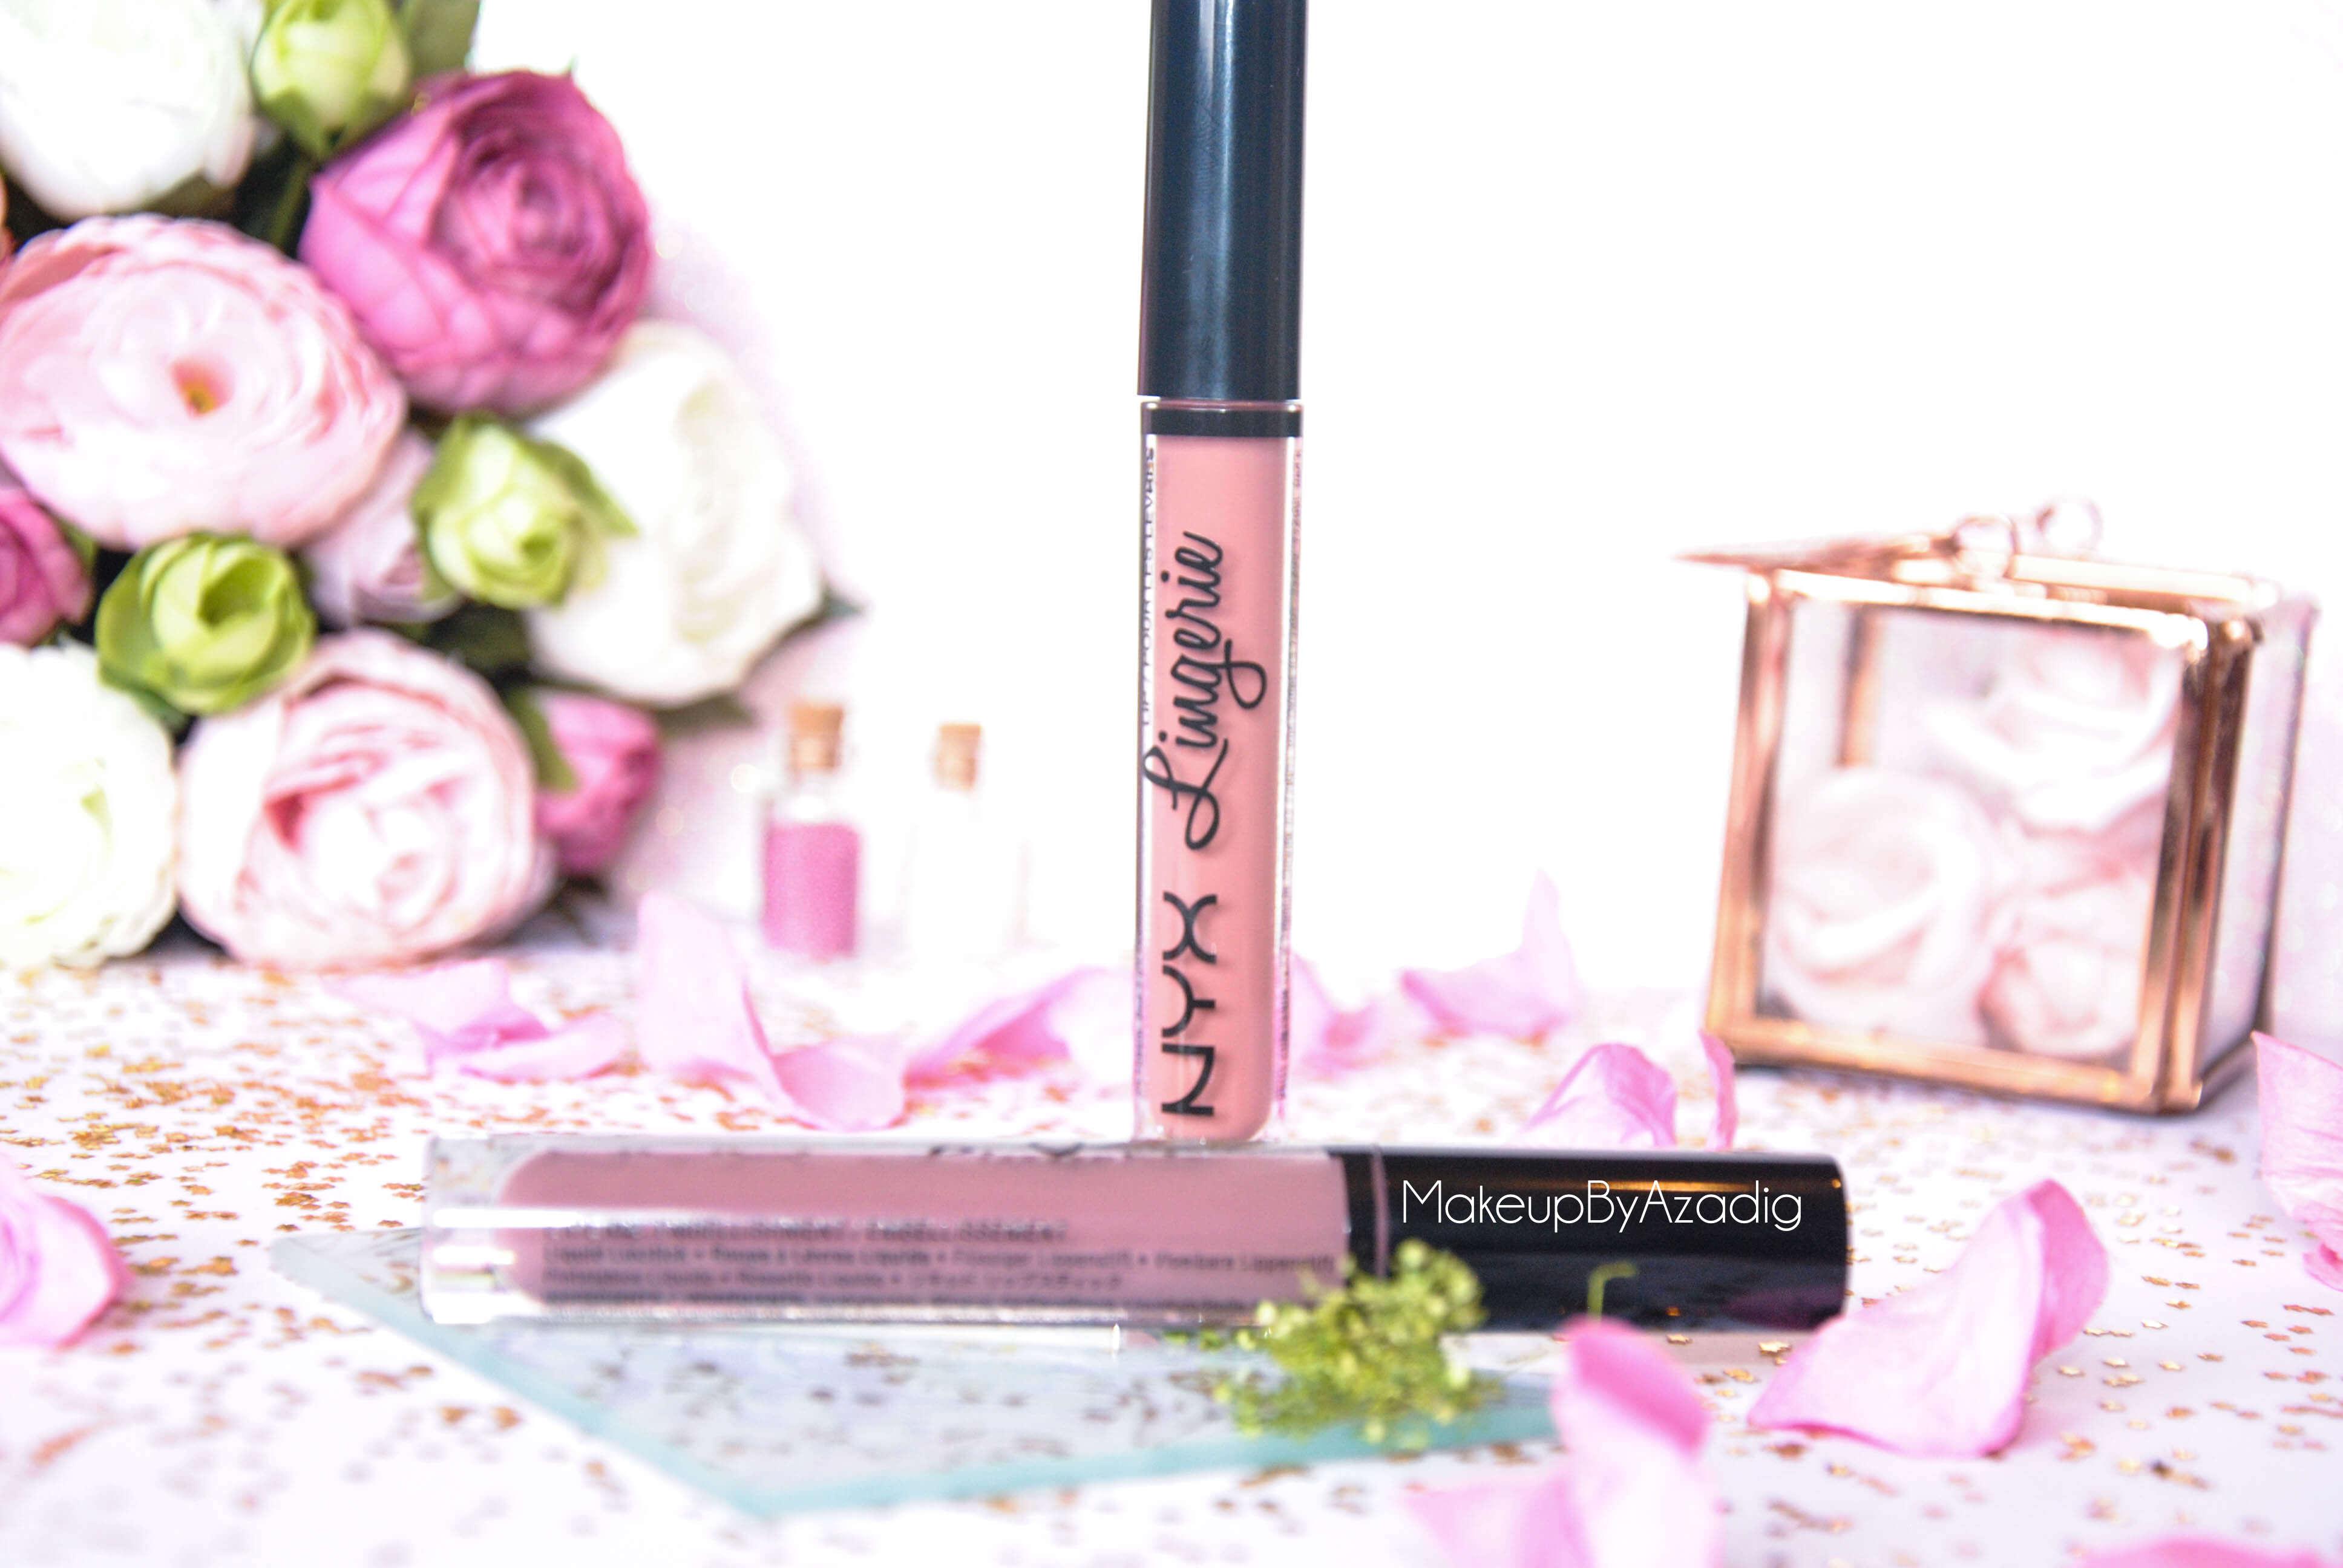 lip lingerie - revue - swatch- nyx cosmetics - embellishment - bedtime flirt - makeupbyazadig - enjoyphoenix - troyes - ensemble